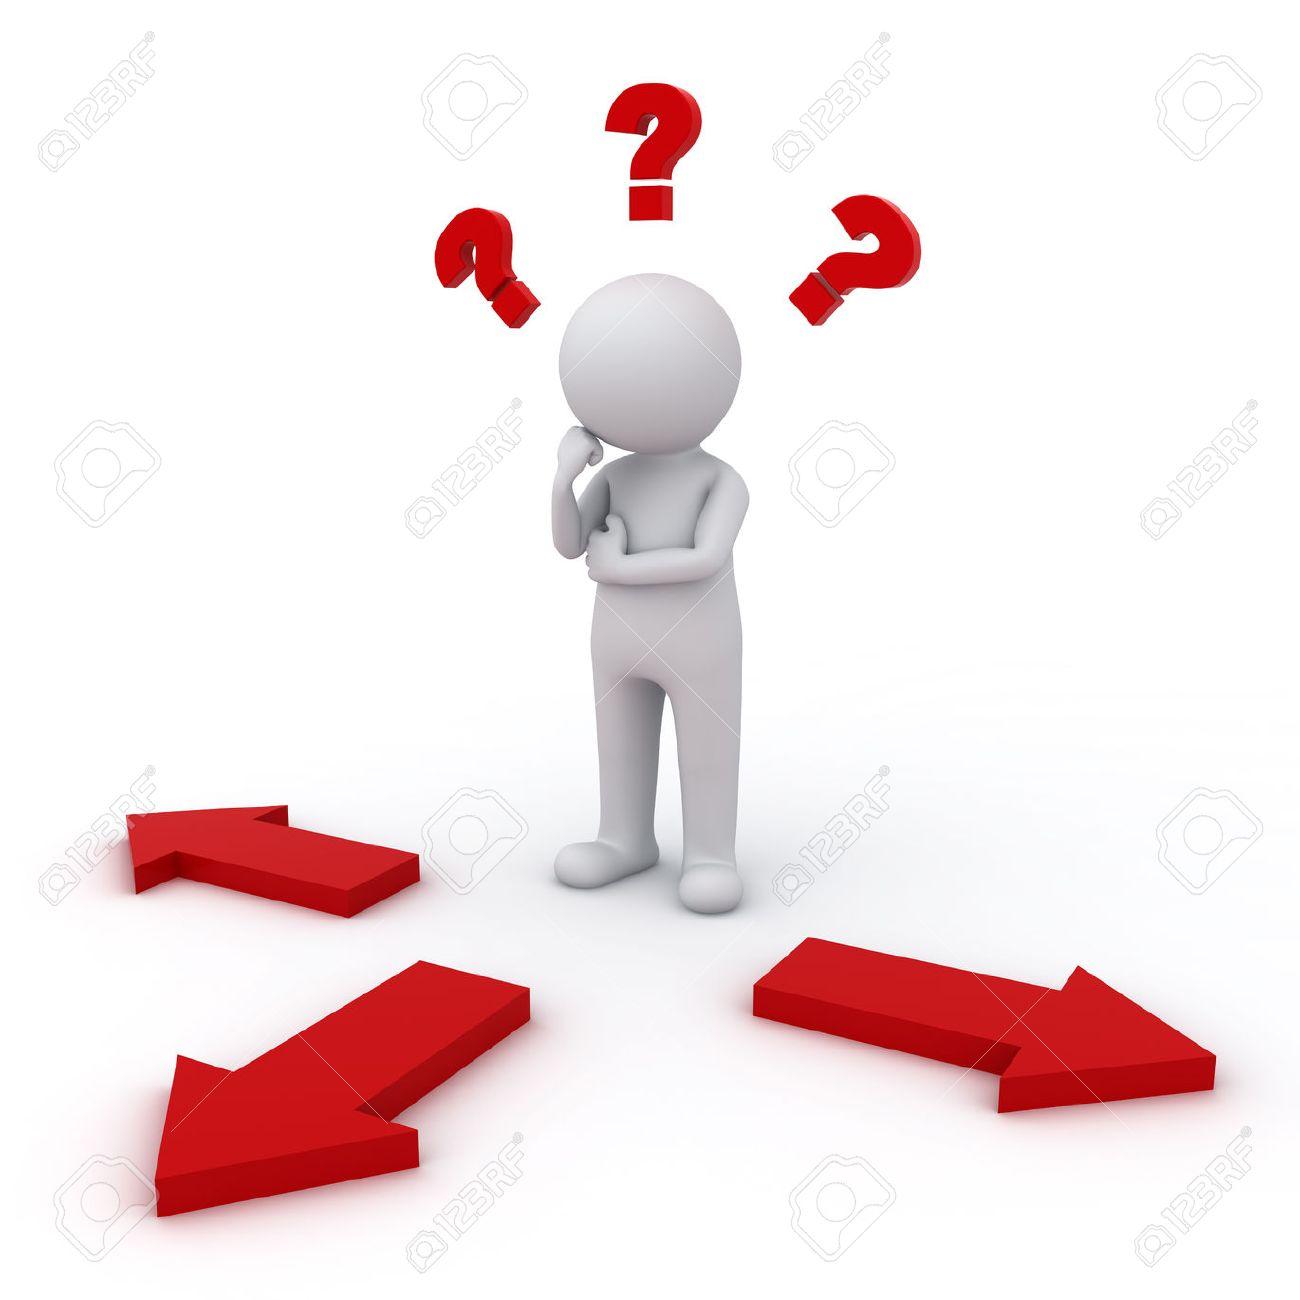 3d homme la pensée et de la confusion avec trois flèches rouges montrent trois directions différentes se demandant où aller sur fond blanc Banque d'images - 26594562